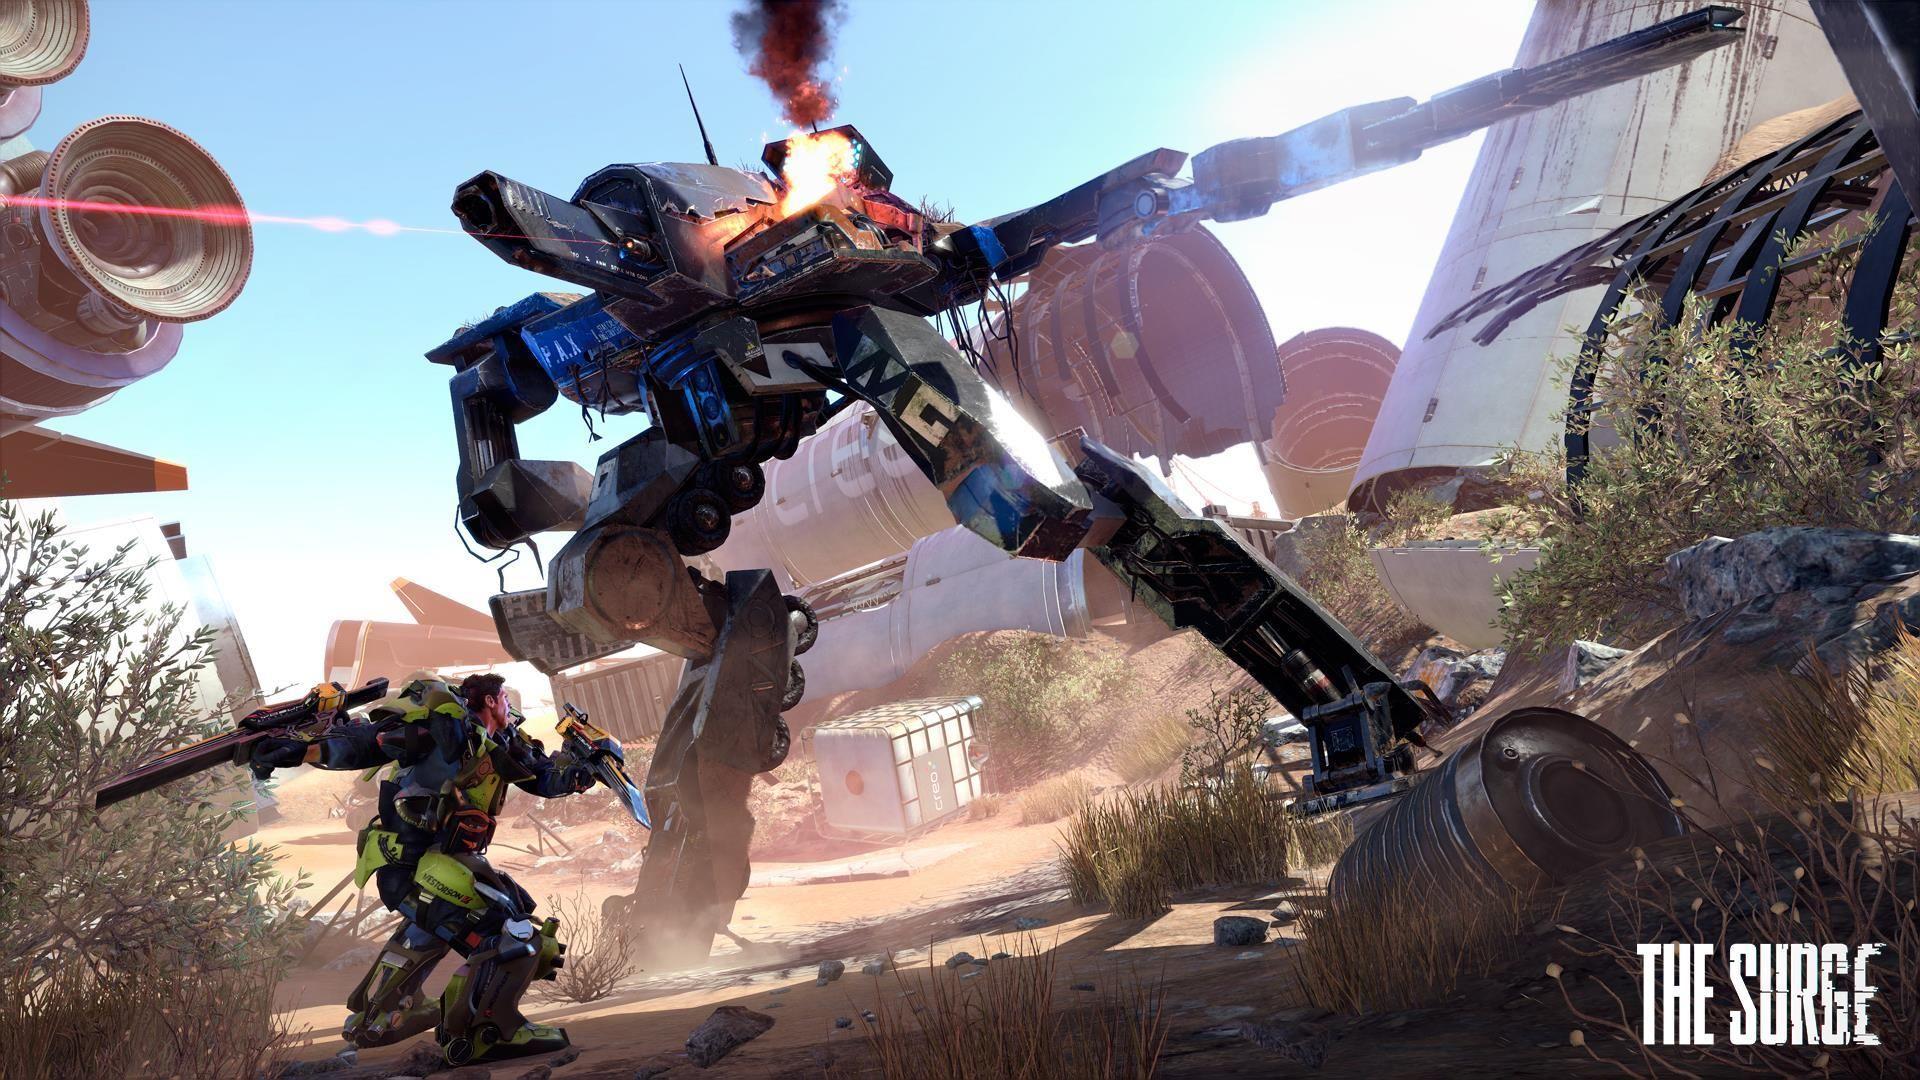 the surge обзор рецензия стрим летсплей Twitch-канал Disgusting Men Forza Horizon 3 Quake Champions Dark Souls в будущем отвратительные мужики